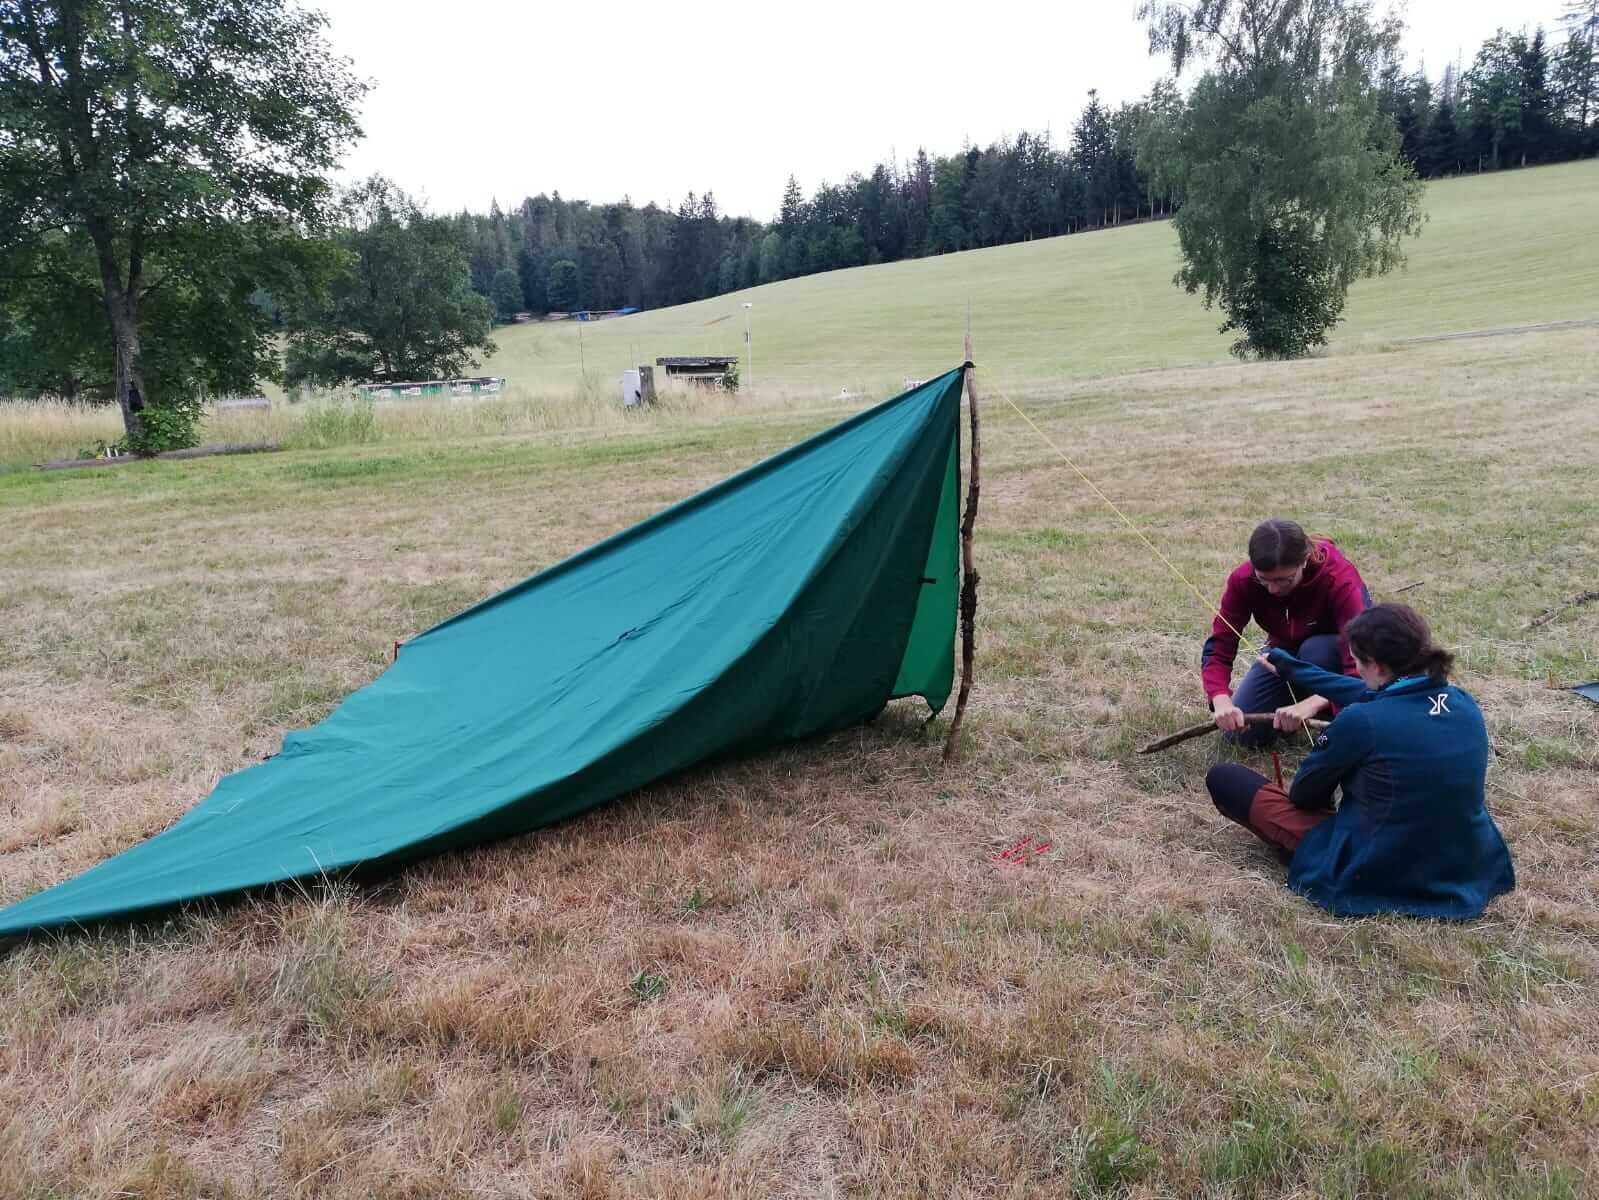 Aufbau eines Tarps zur Übernachtung auf dem Trekkingplatz